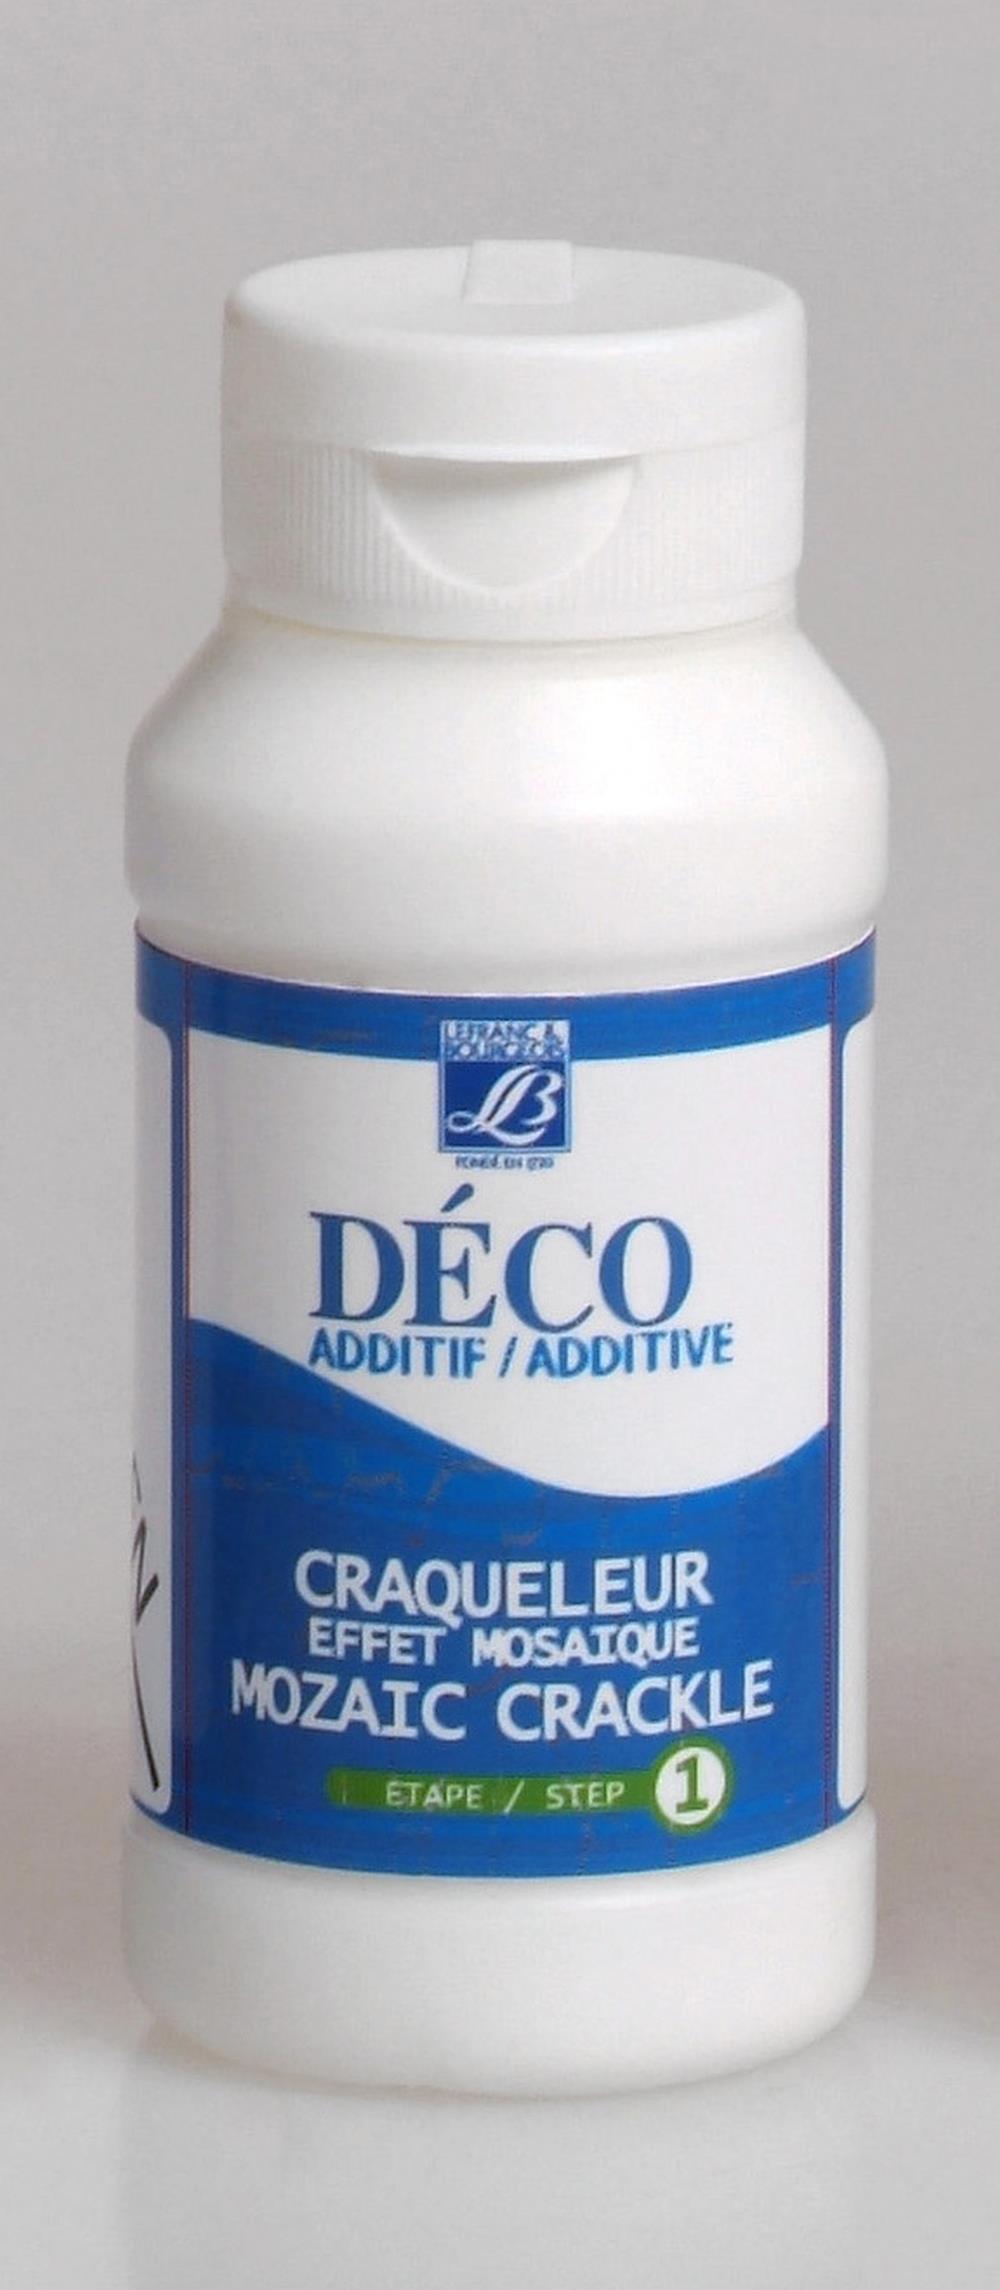 Hobbymedium L&B Deco Mosaik-krackelering steg 1, 120 ml Utgår